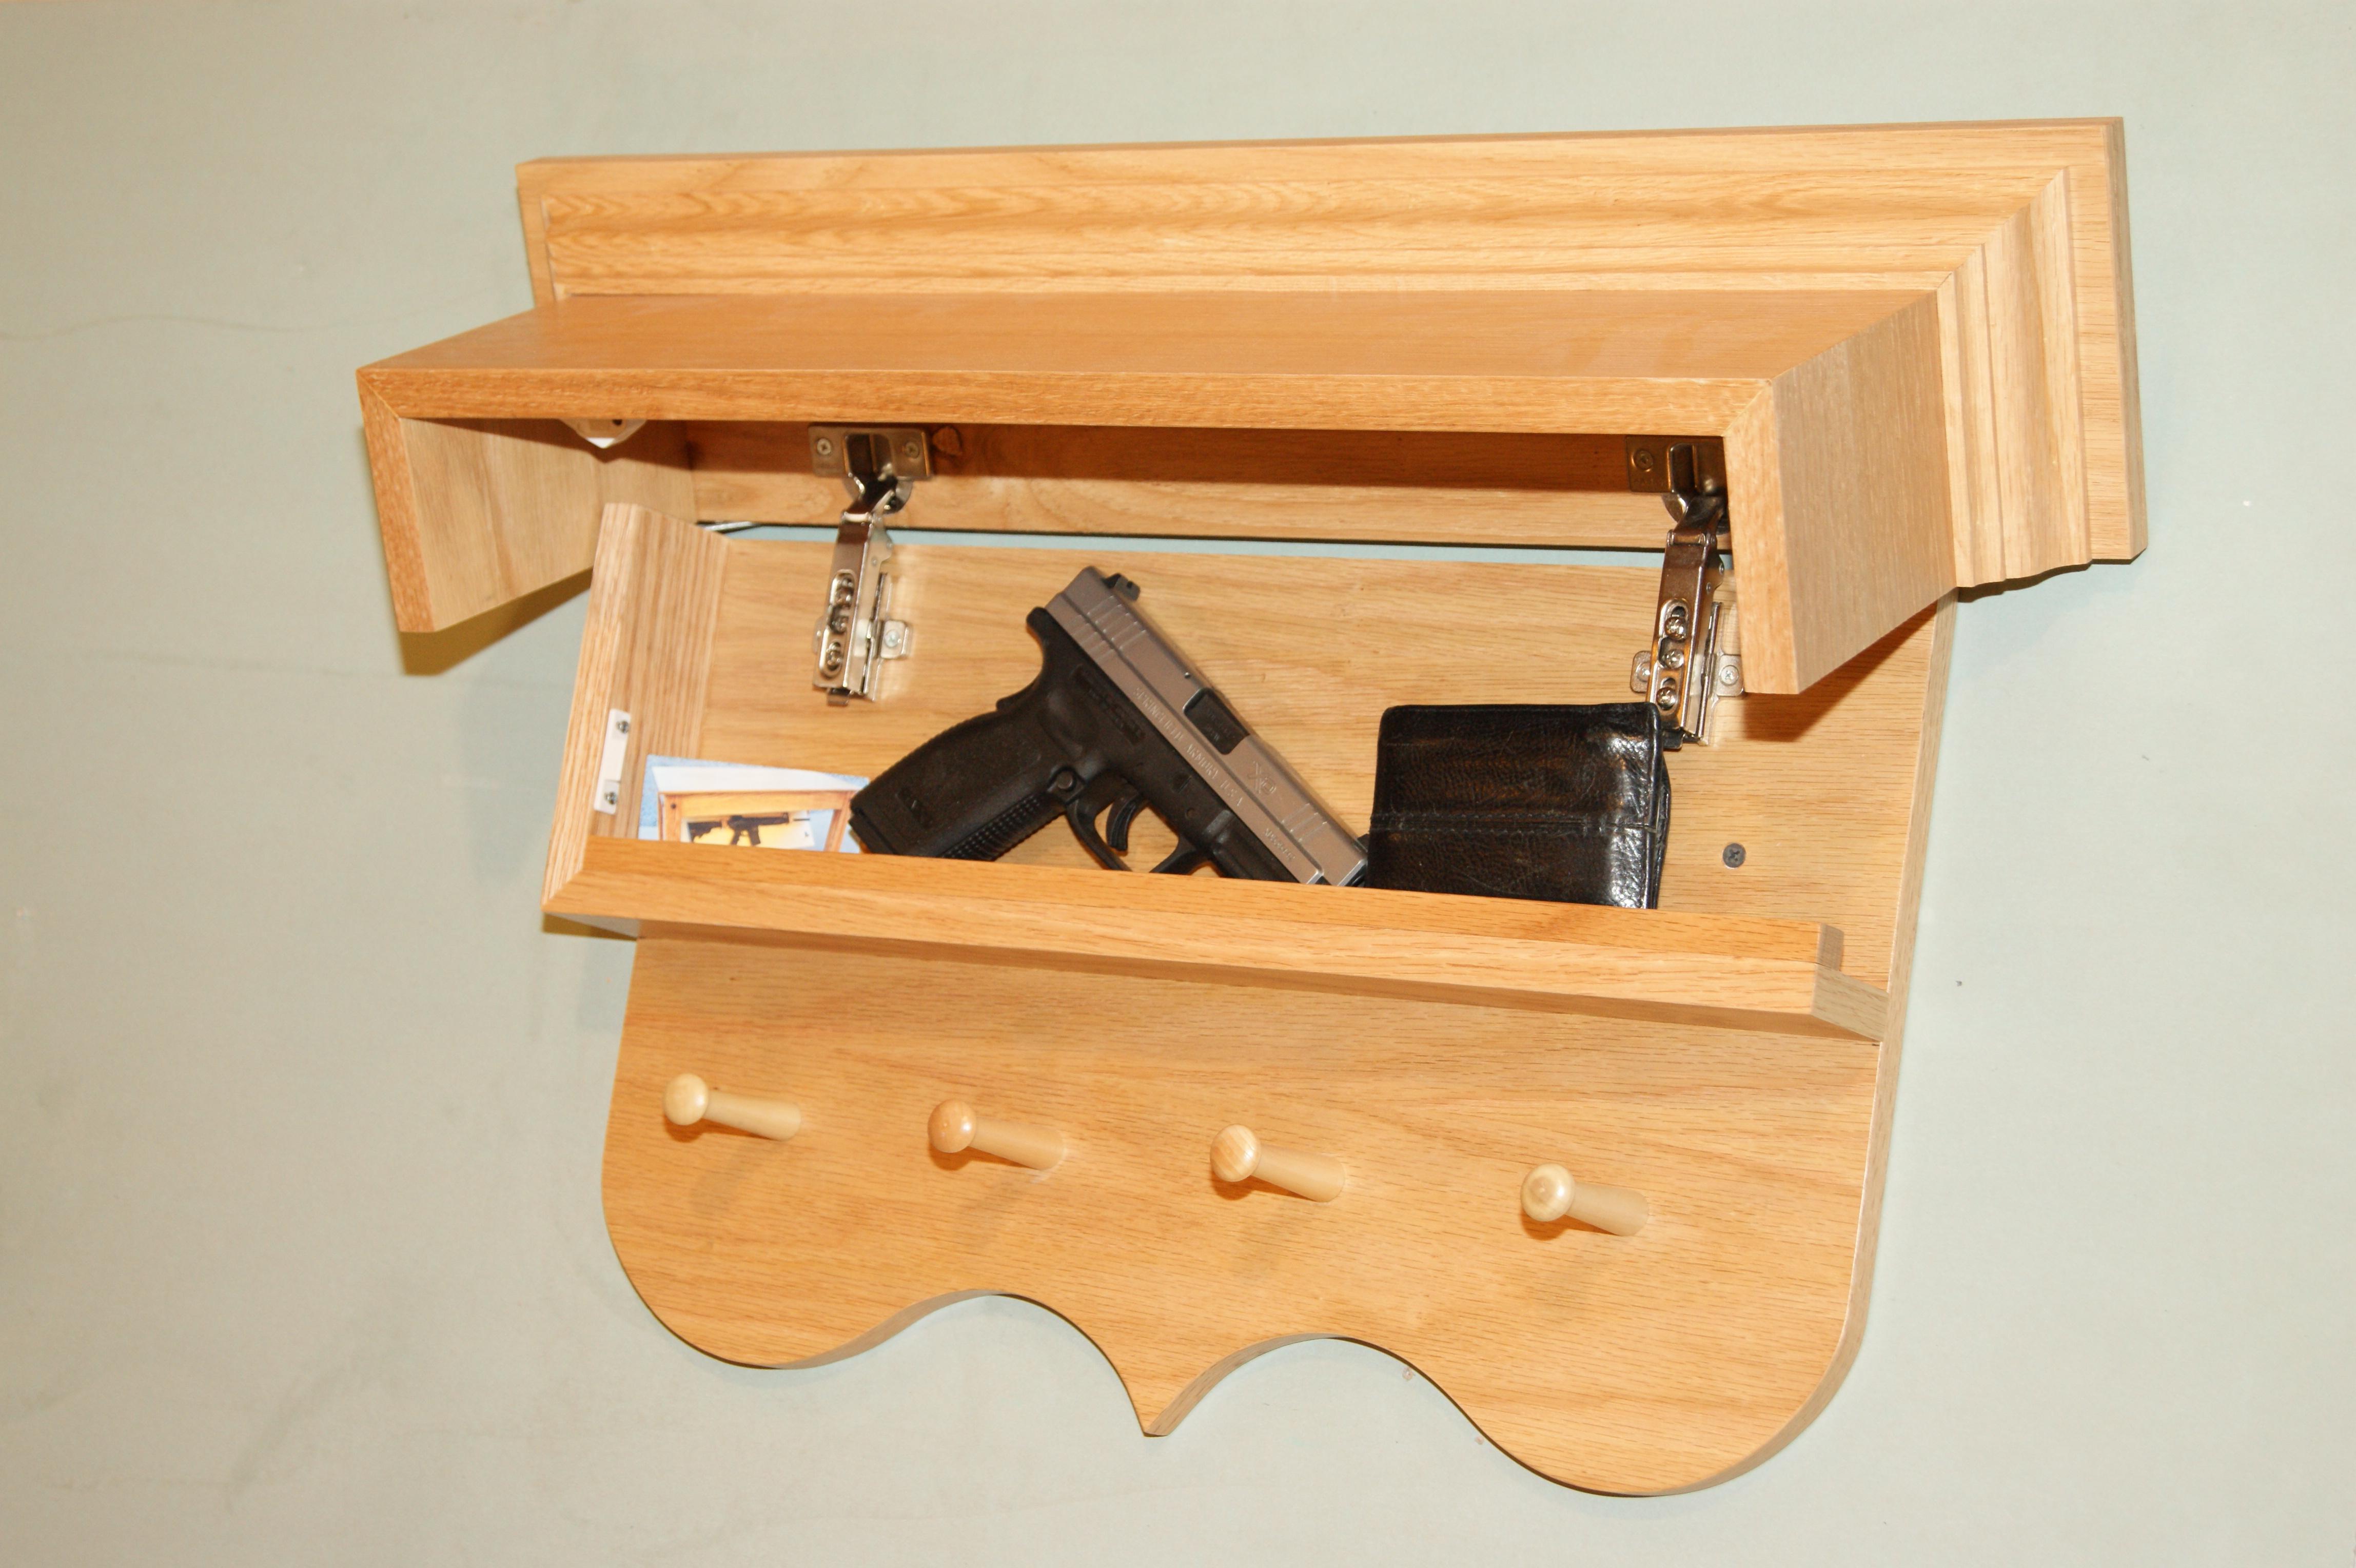 stash gat one gun concealing furniture pieces njcf